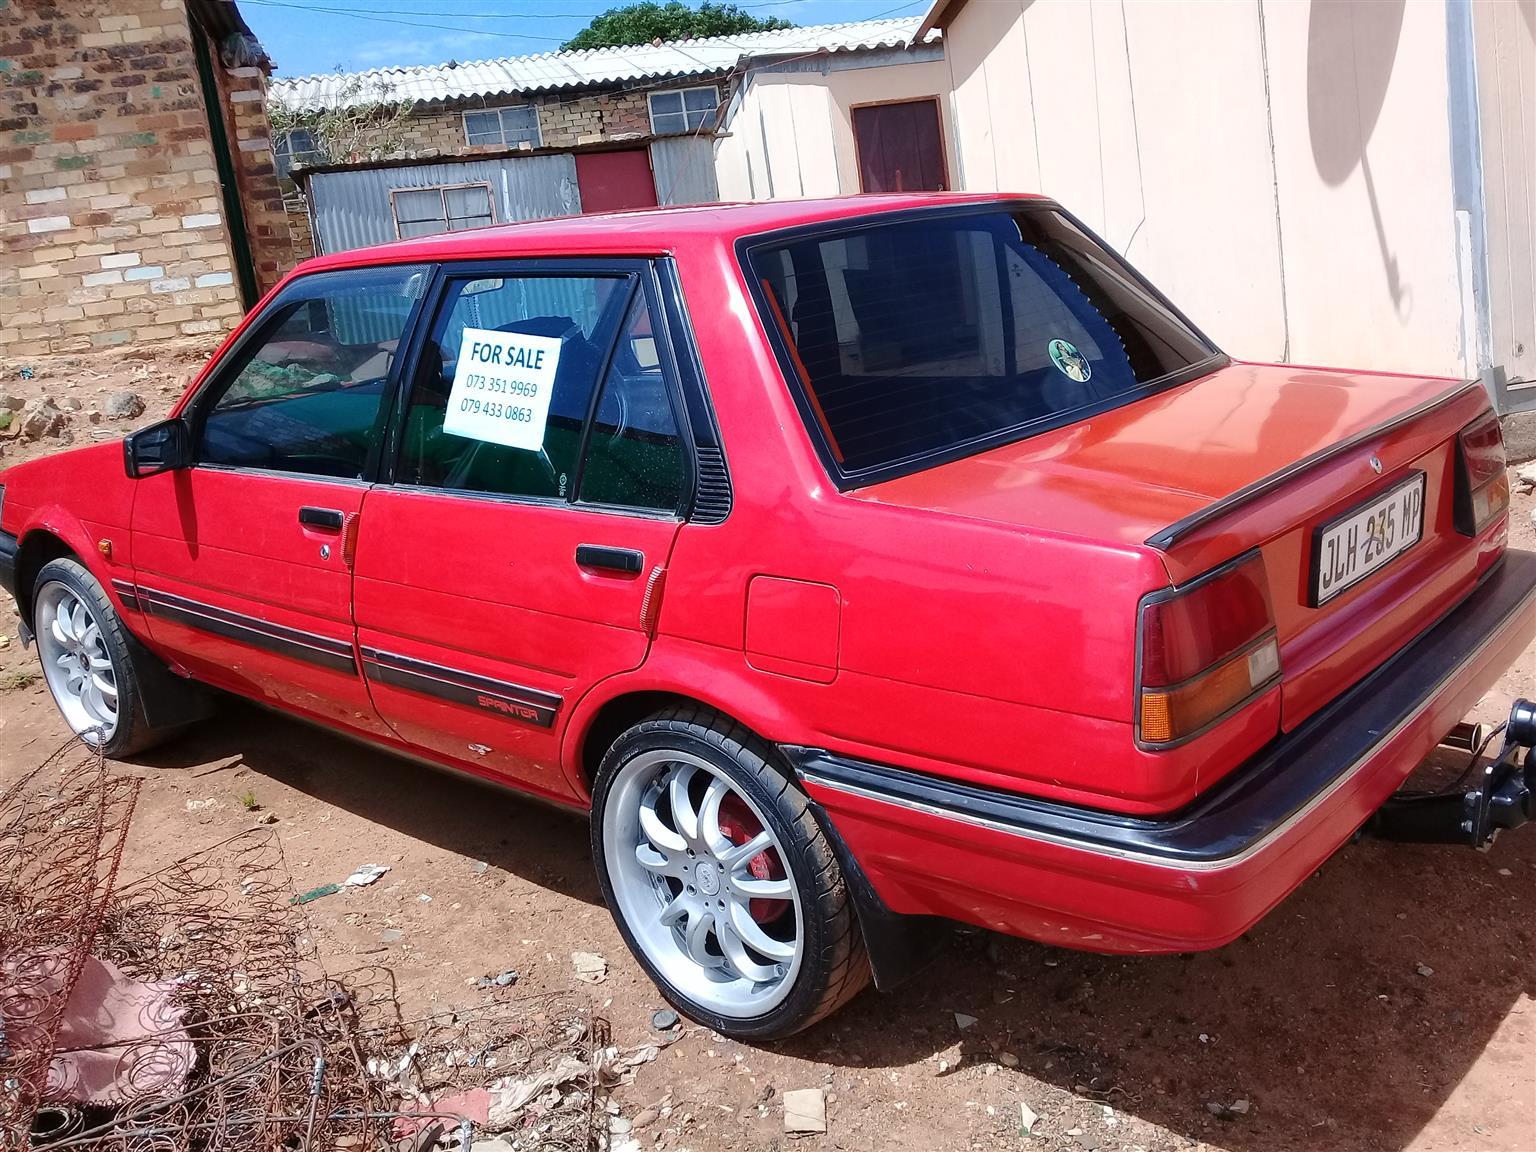 Kelebihan Kekurangan Toyota Corolla 1987 Harga